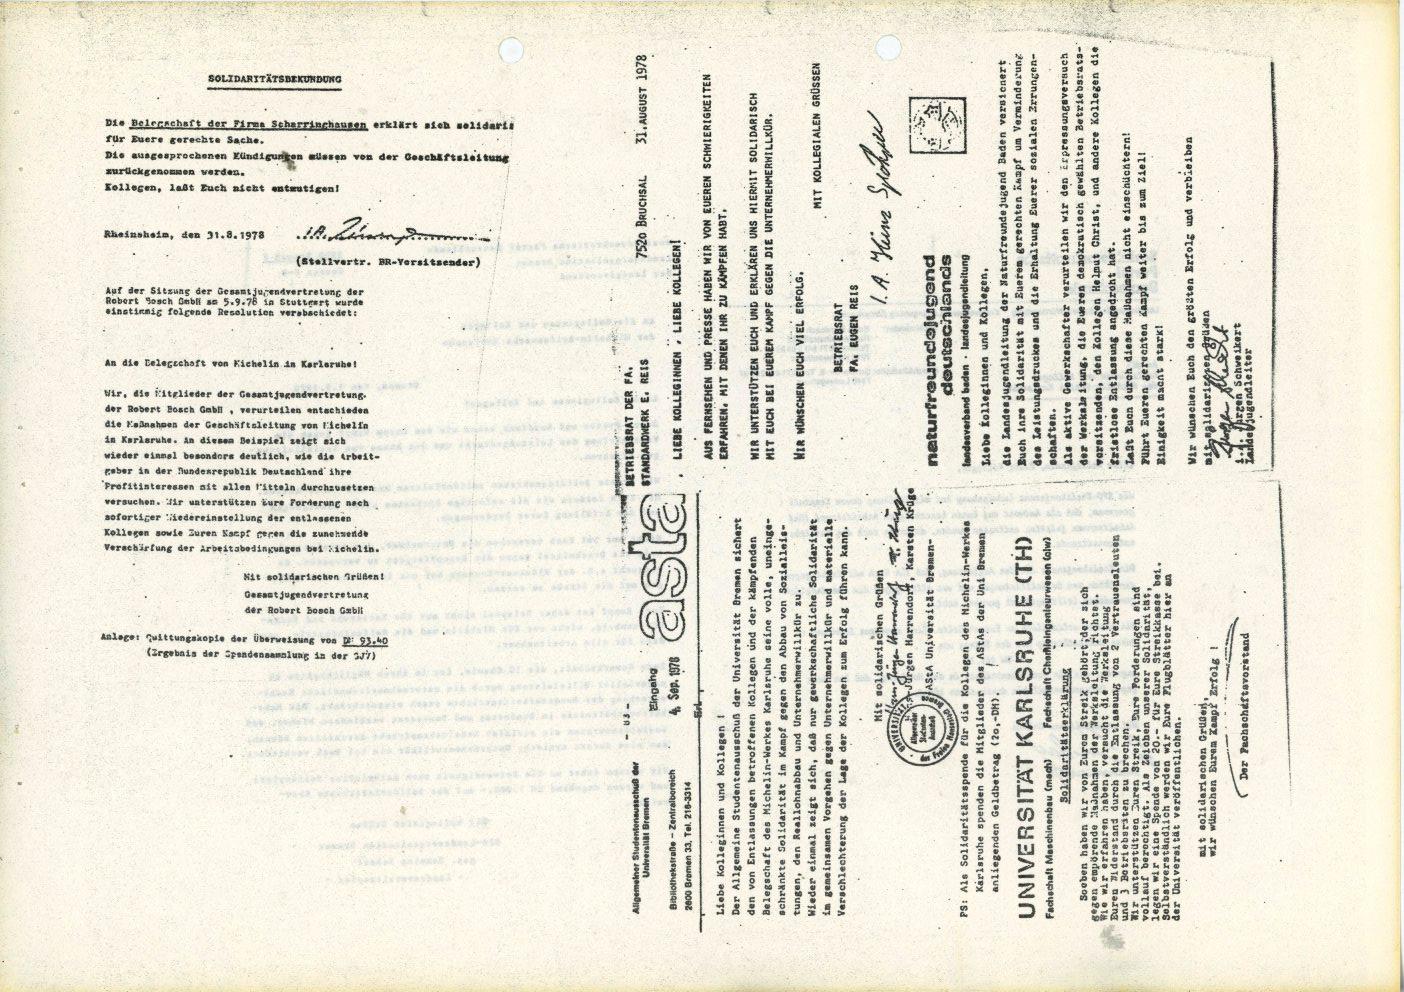 Karlsruhe_Michelin_IGCPK_Doku_zum_Arbeitskonflikt_1978_38